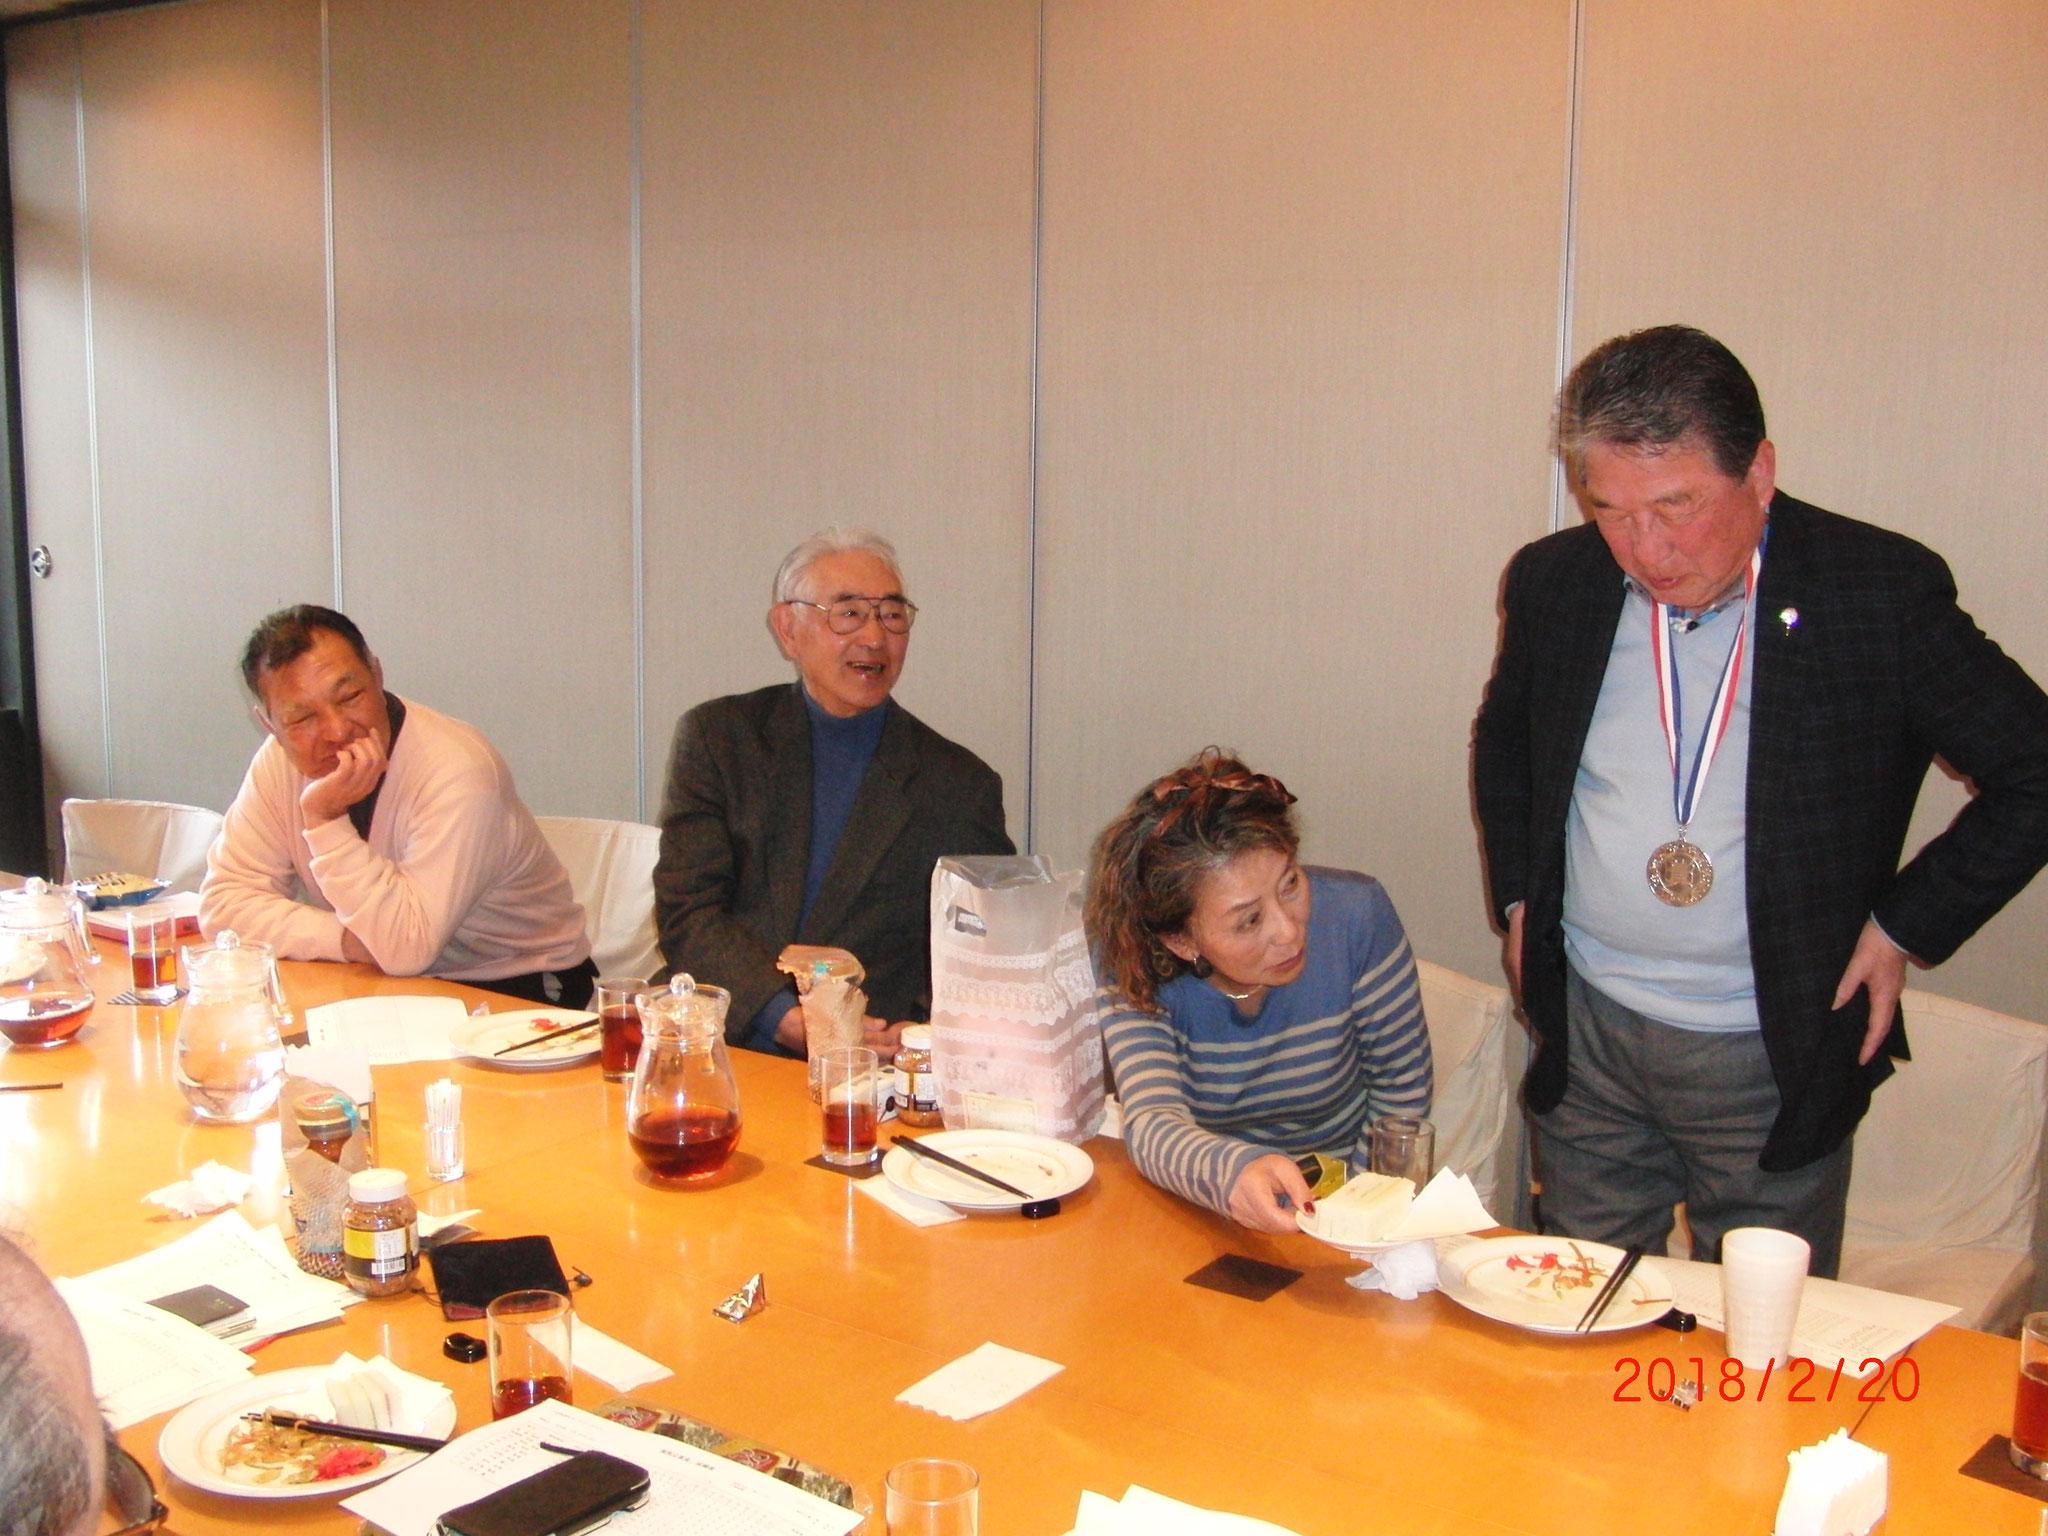 コンペでのパーティ、倉泉さん、3位の則田さん、 小宮さん、徳光さん、